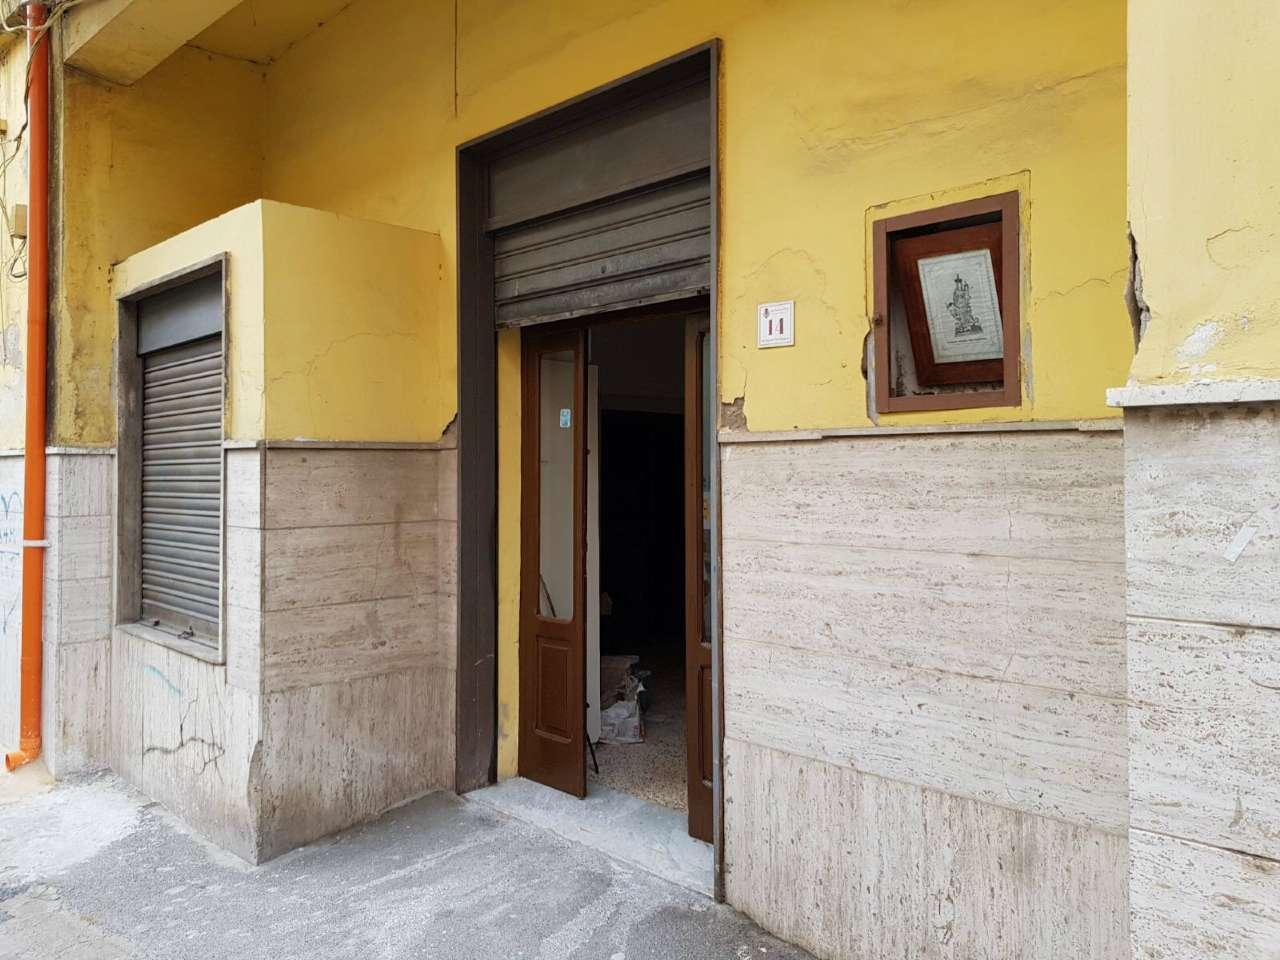 Negozio / Locale in vendita a San Valentino Torio, 9999 locali, prezzo € 110.000 | CambioCasa.it